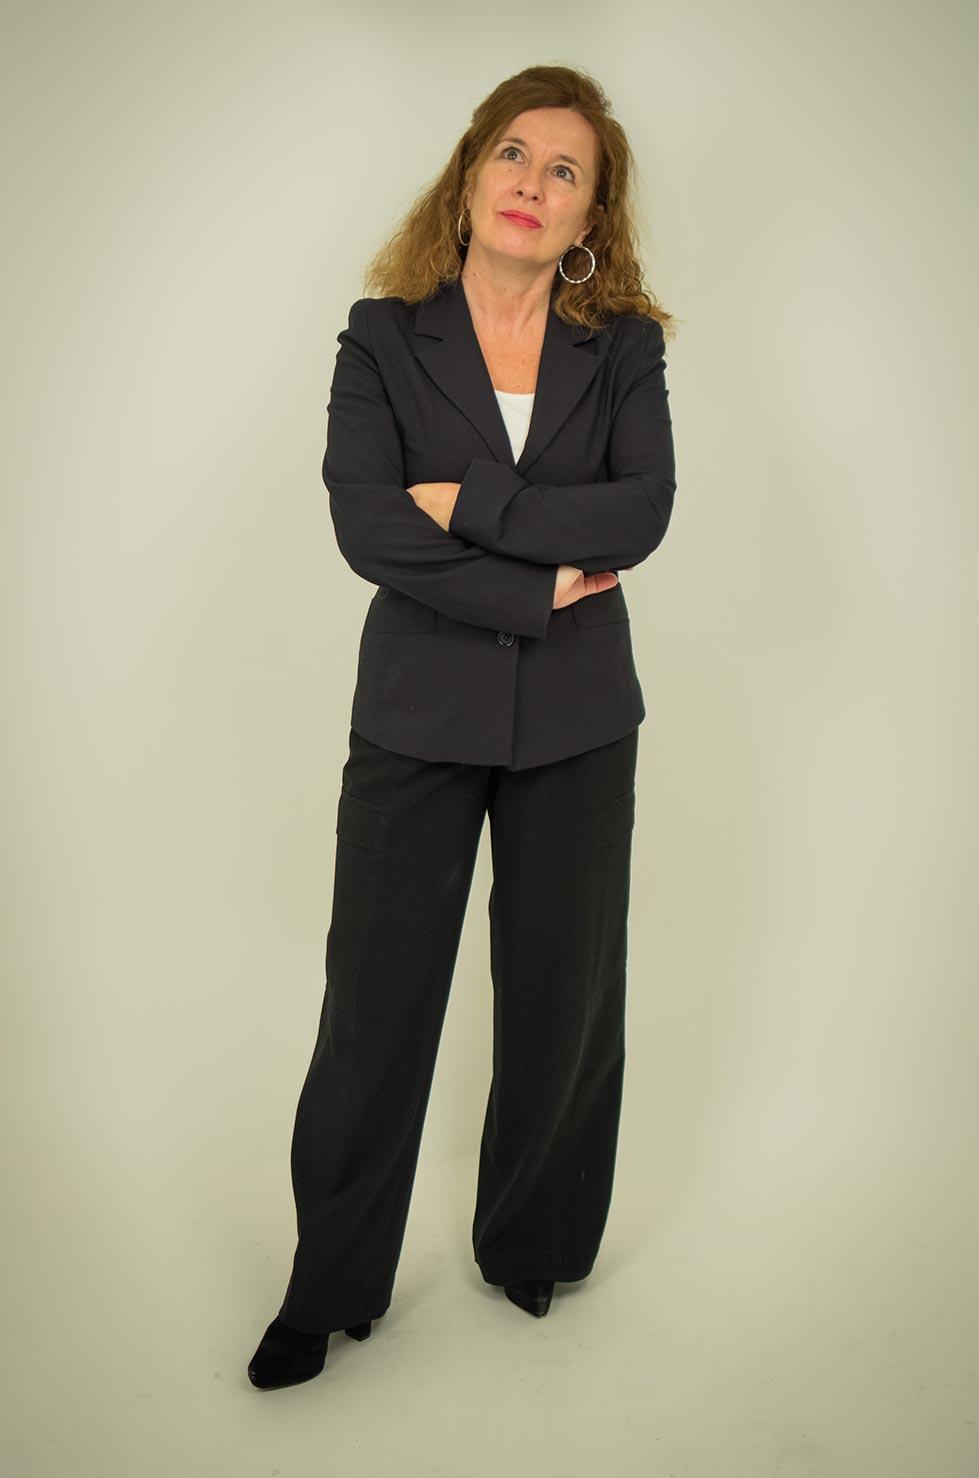 Jacqueline Nolan